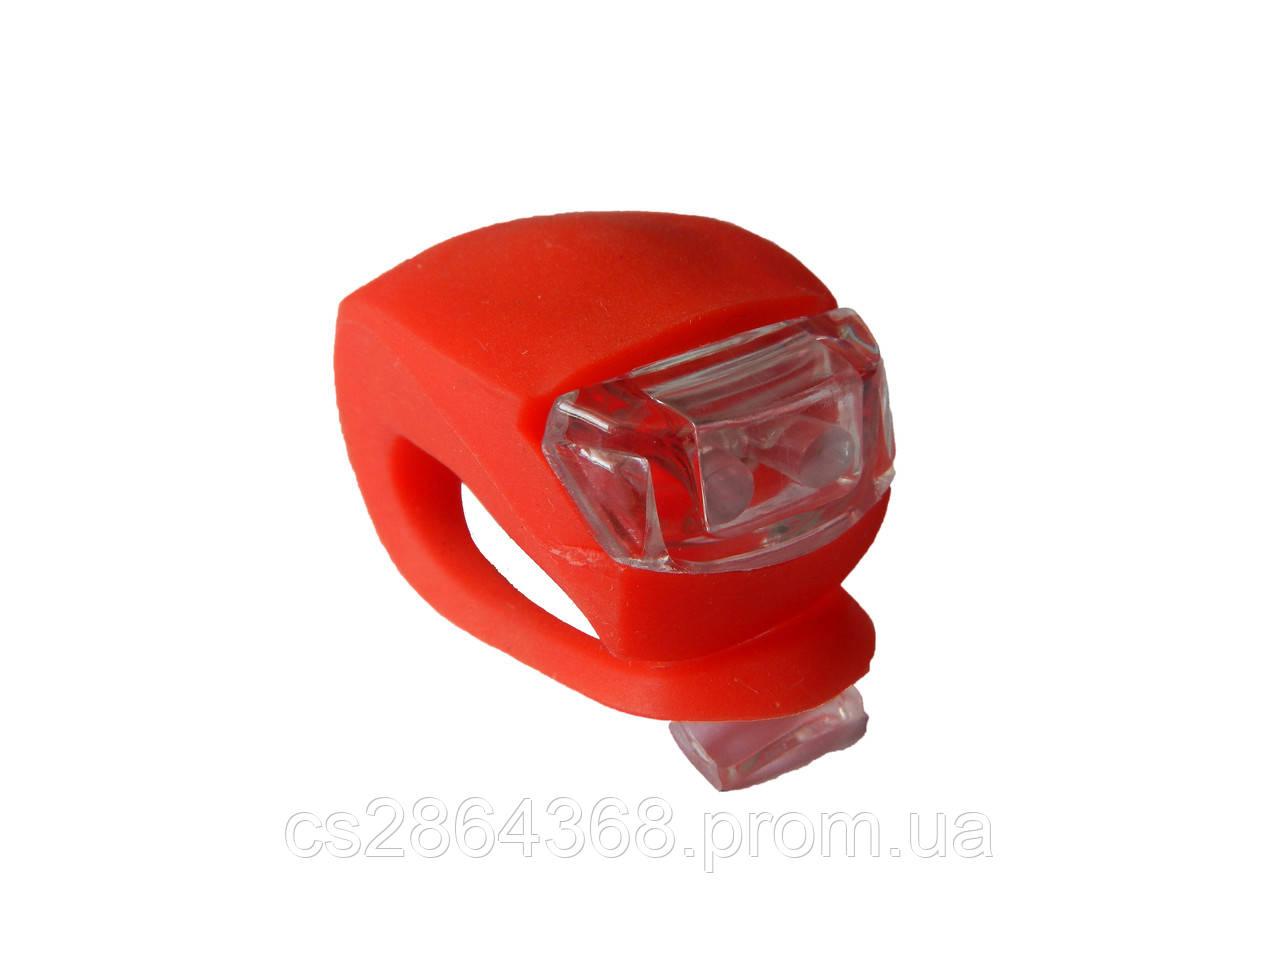 Фонарь HJ008 красный